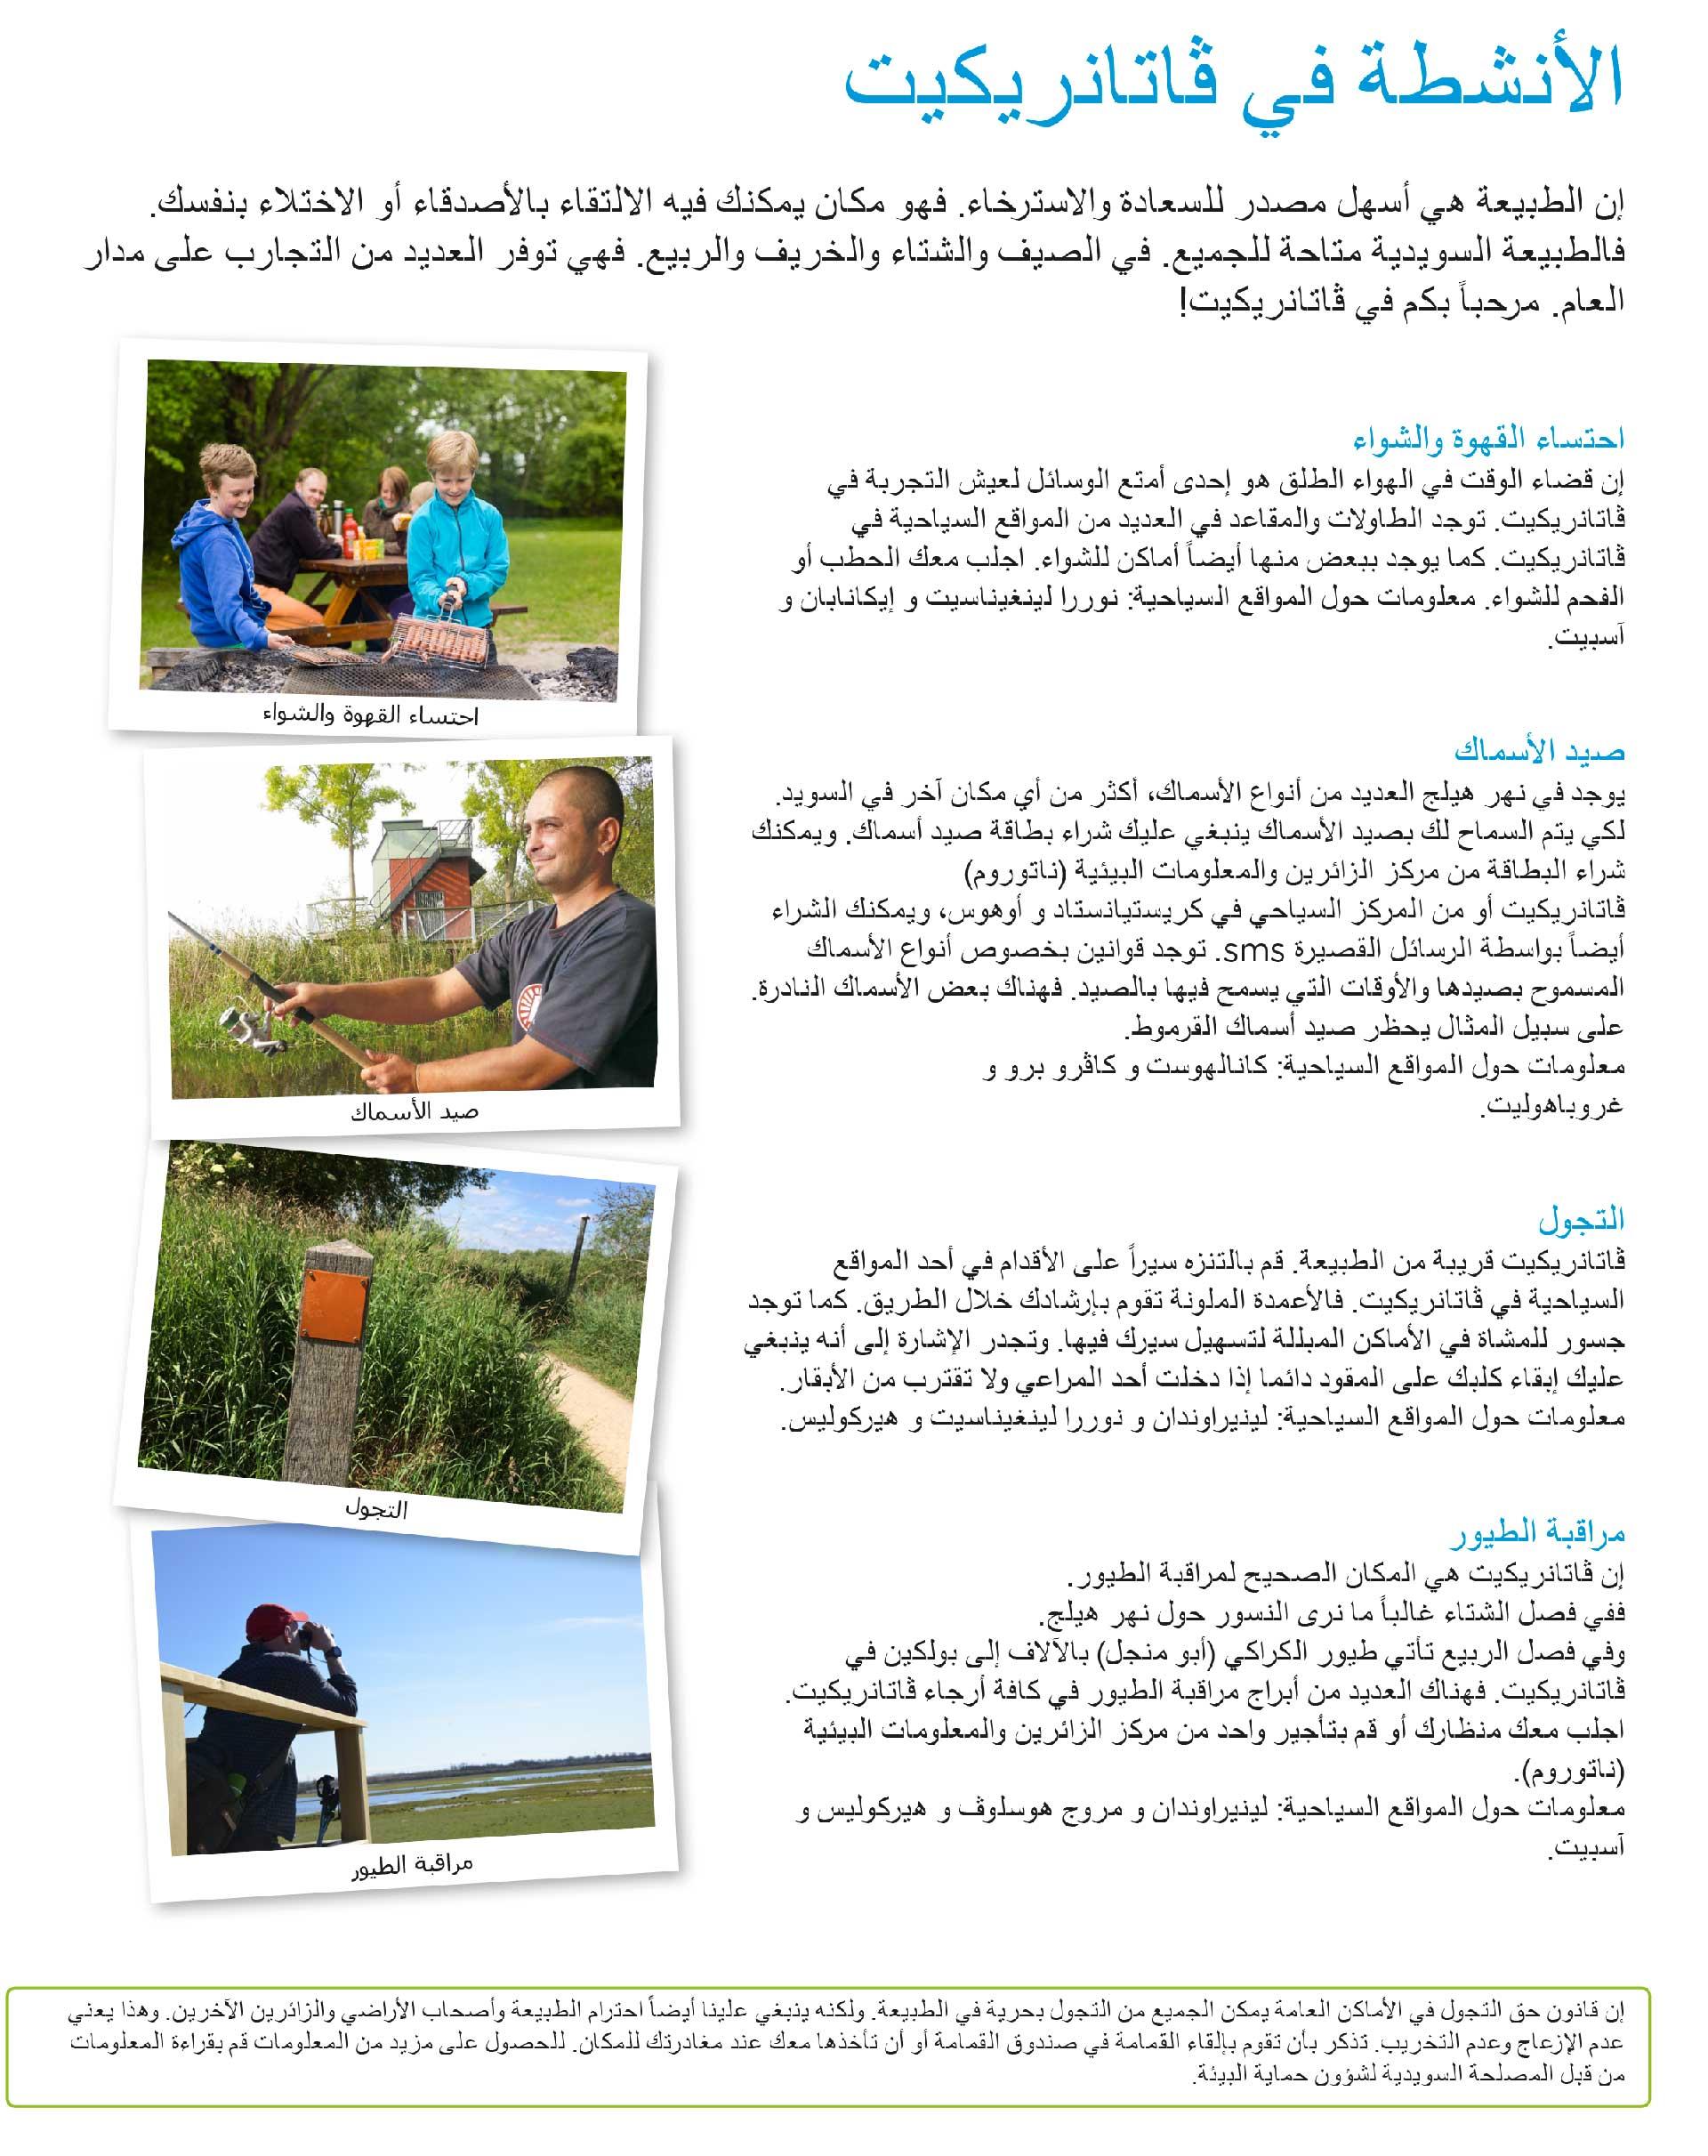 Aktiviteter i Vattenriket på arabiska